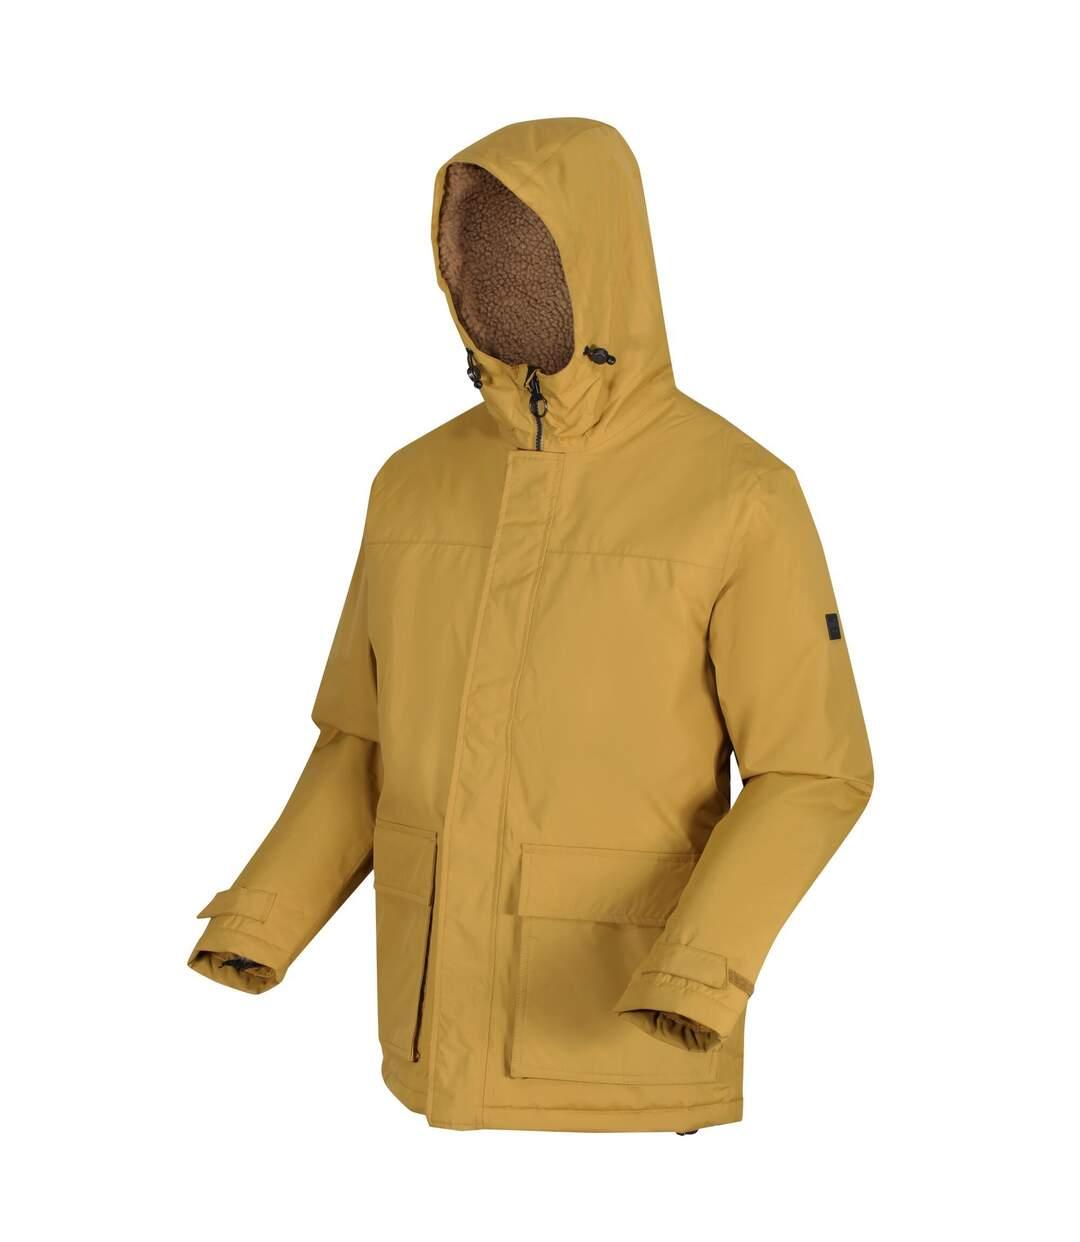 Regatta Mens Sterlings II Waterproof Jacket (Bronze) - UTRG5303